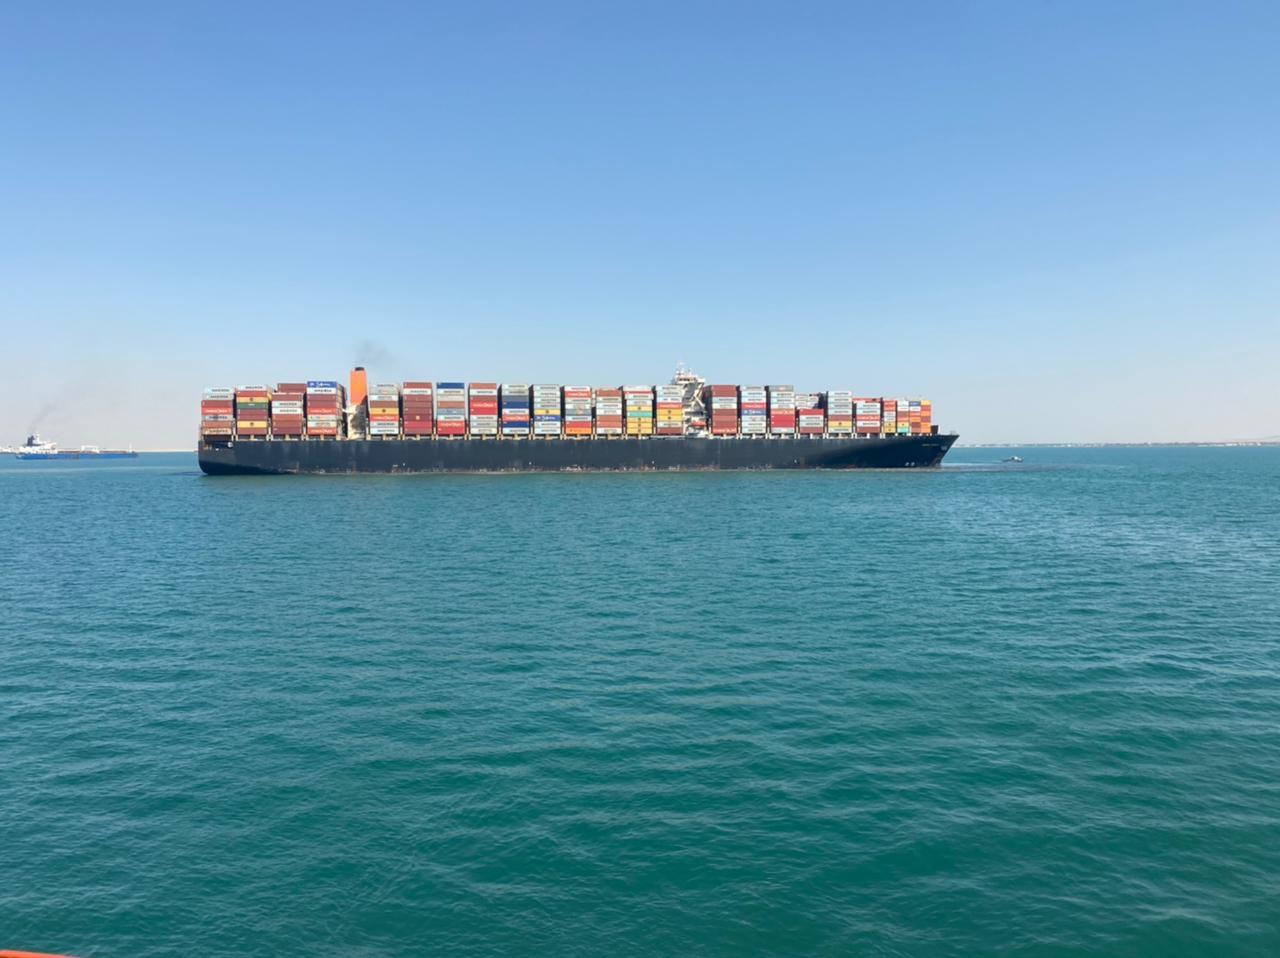 تعويم سفينة بعد جنوحها في القناة